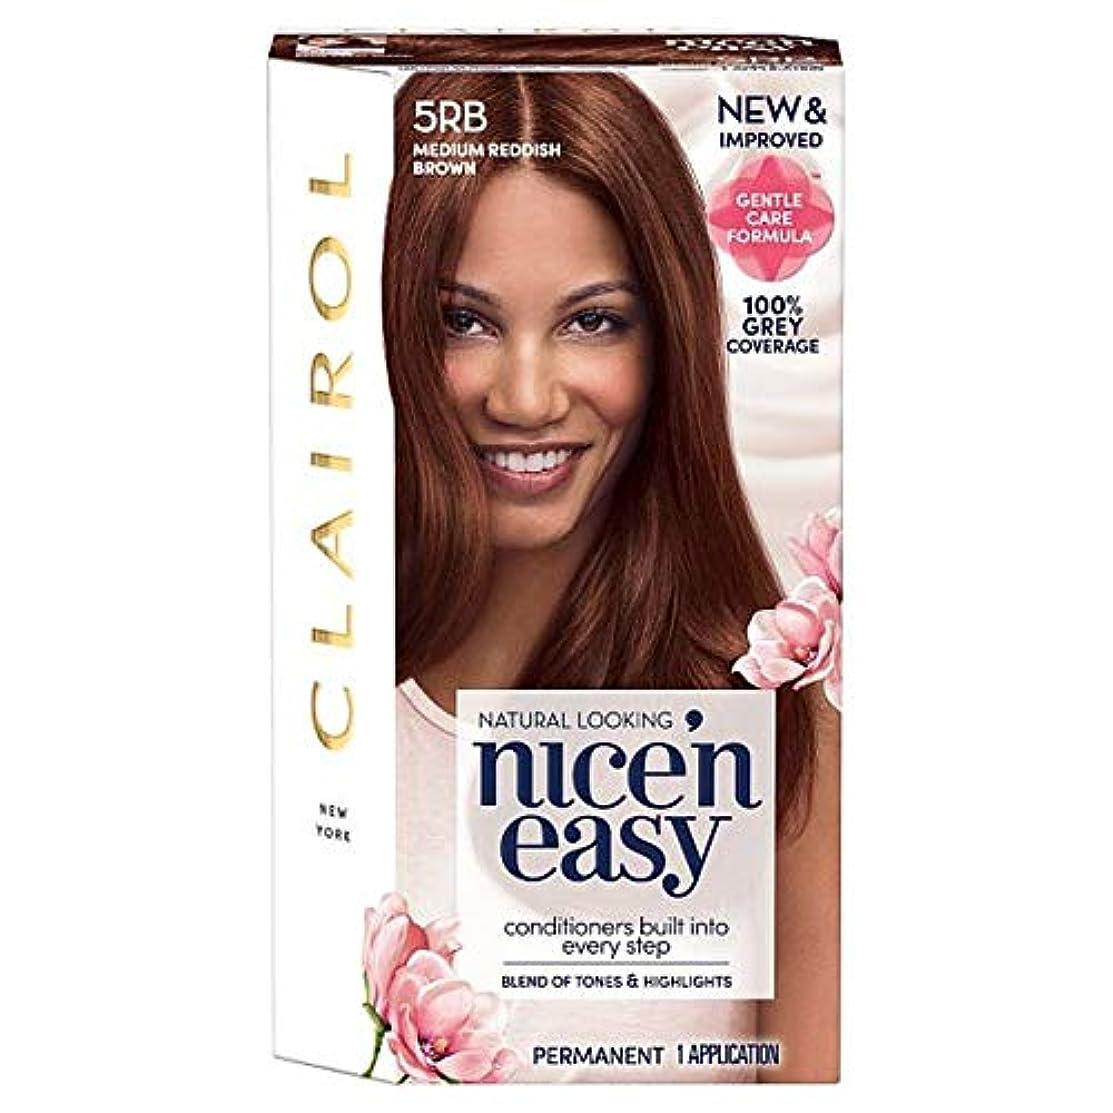 文化貢献するロッカー[Nice'n Easy] クレイロール素敵な「N簡単にメディア赤褐色5Rbの染毛剤 - Clairol Nice 'N Easy Medium Reddish Brown 5Rb Hair Dye [並行輸入品]